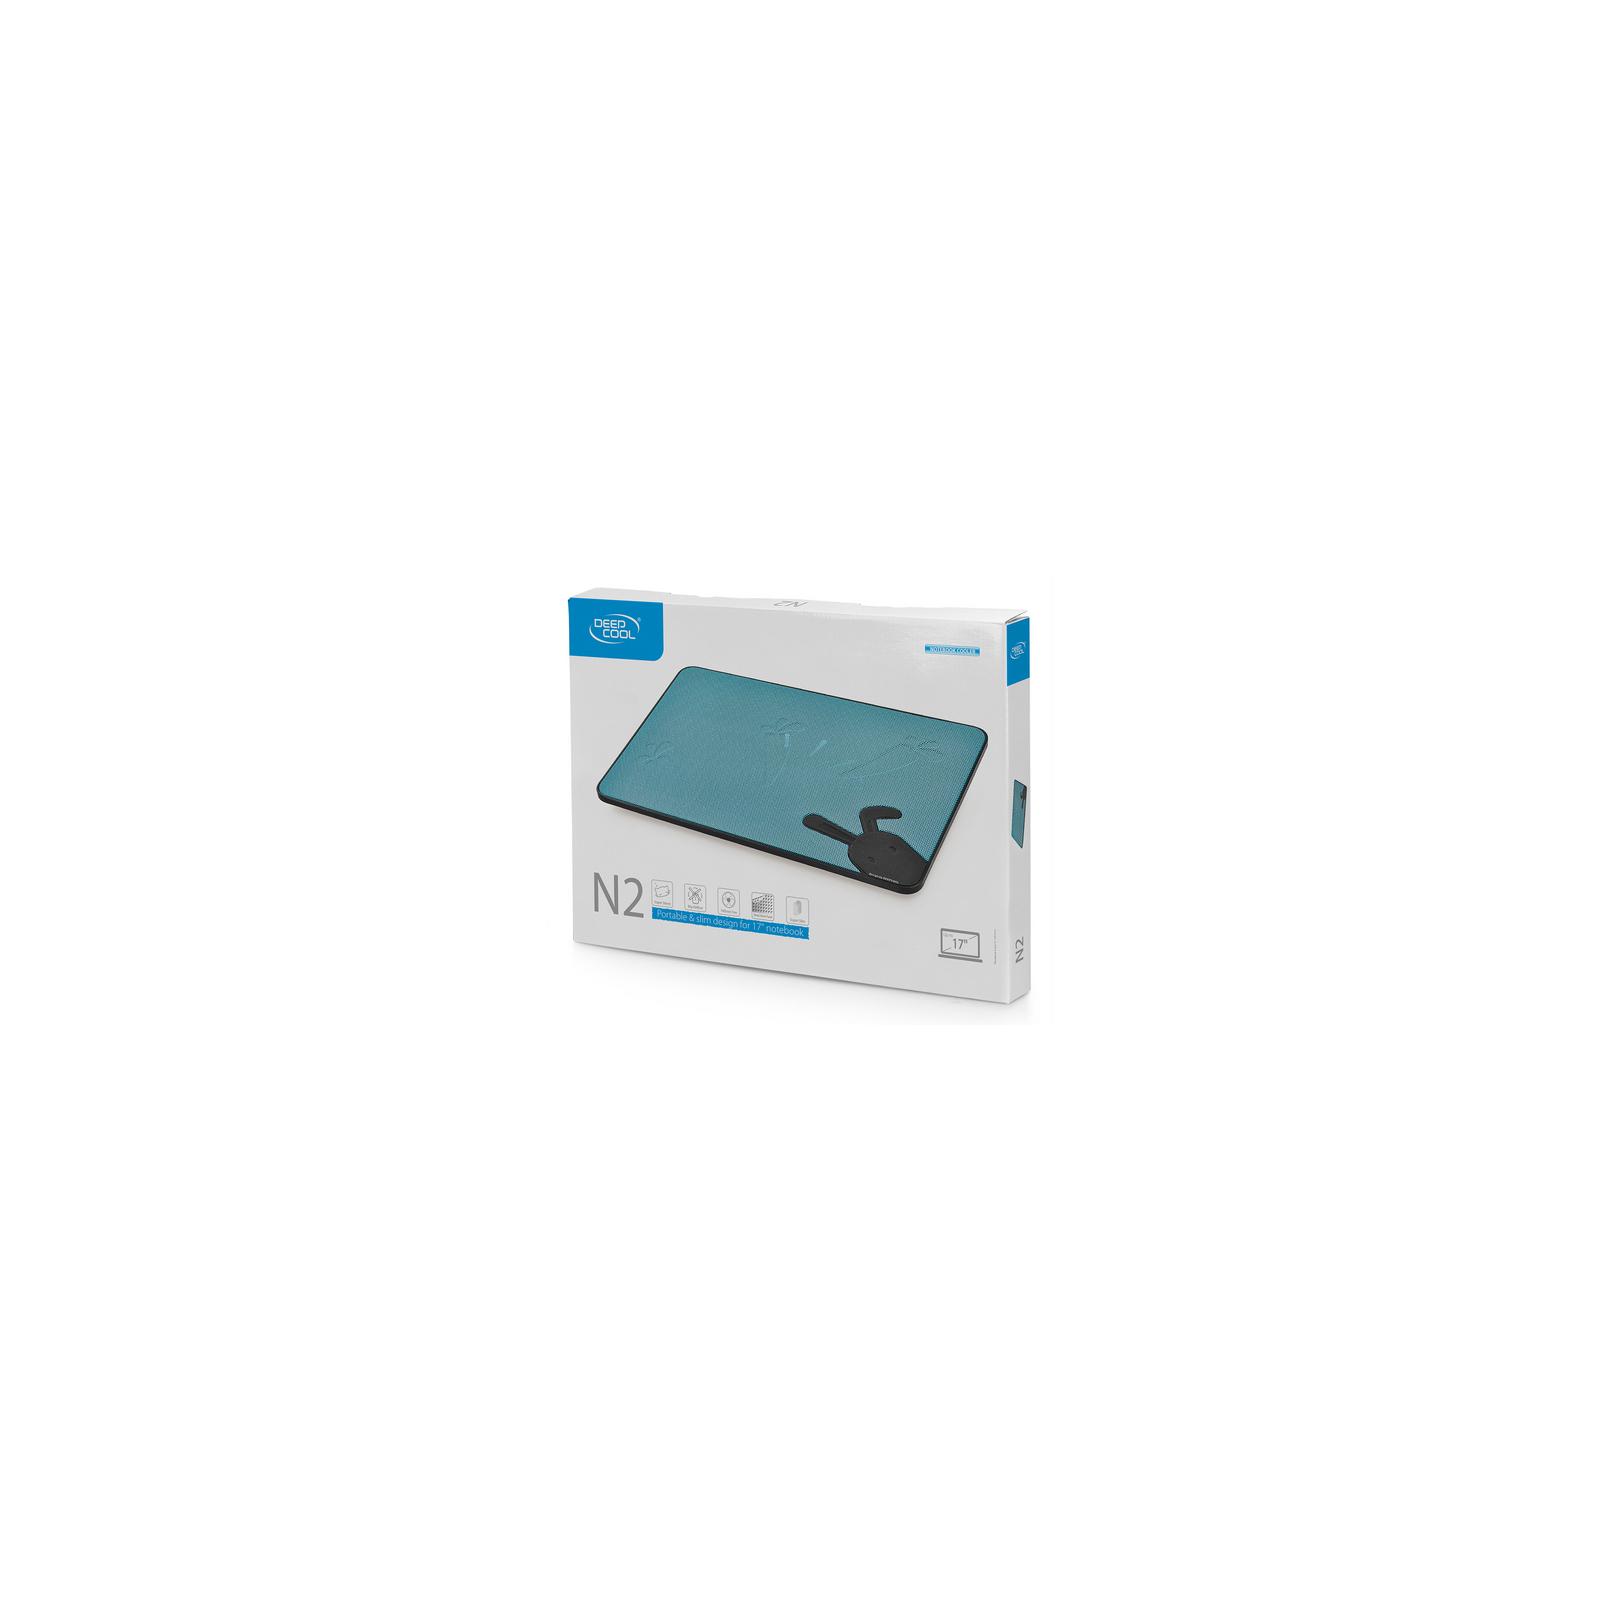 Подставка для ноутбука Deepcool N2 Black изображение 4